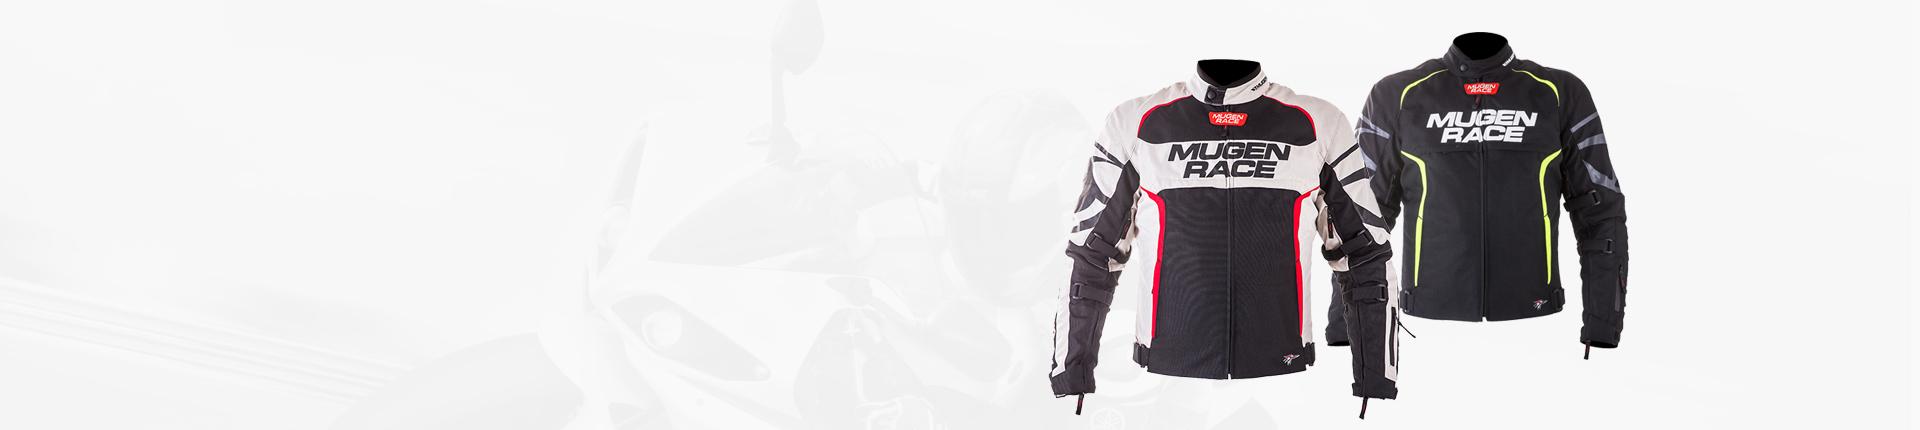 08f3b959c6 Termékek Kiemelt ajnlataink Mugen Race motoros kabátok Nézd meg  termékválasztékunkat.